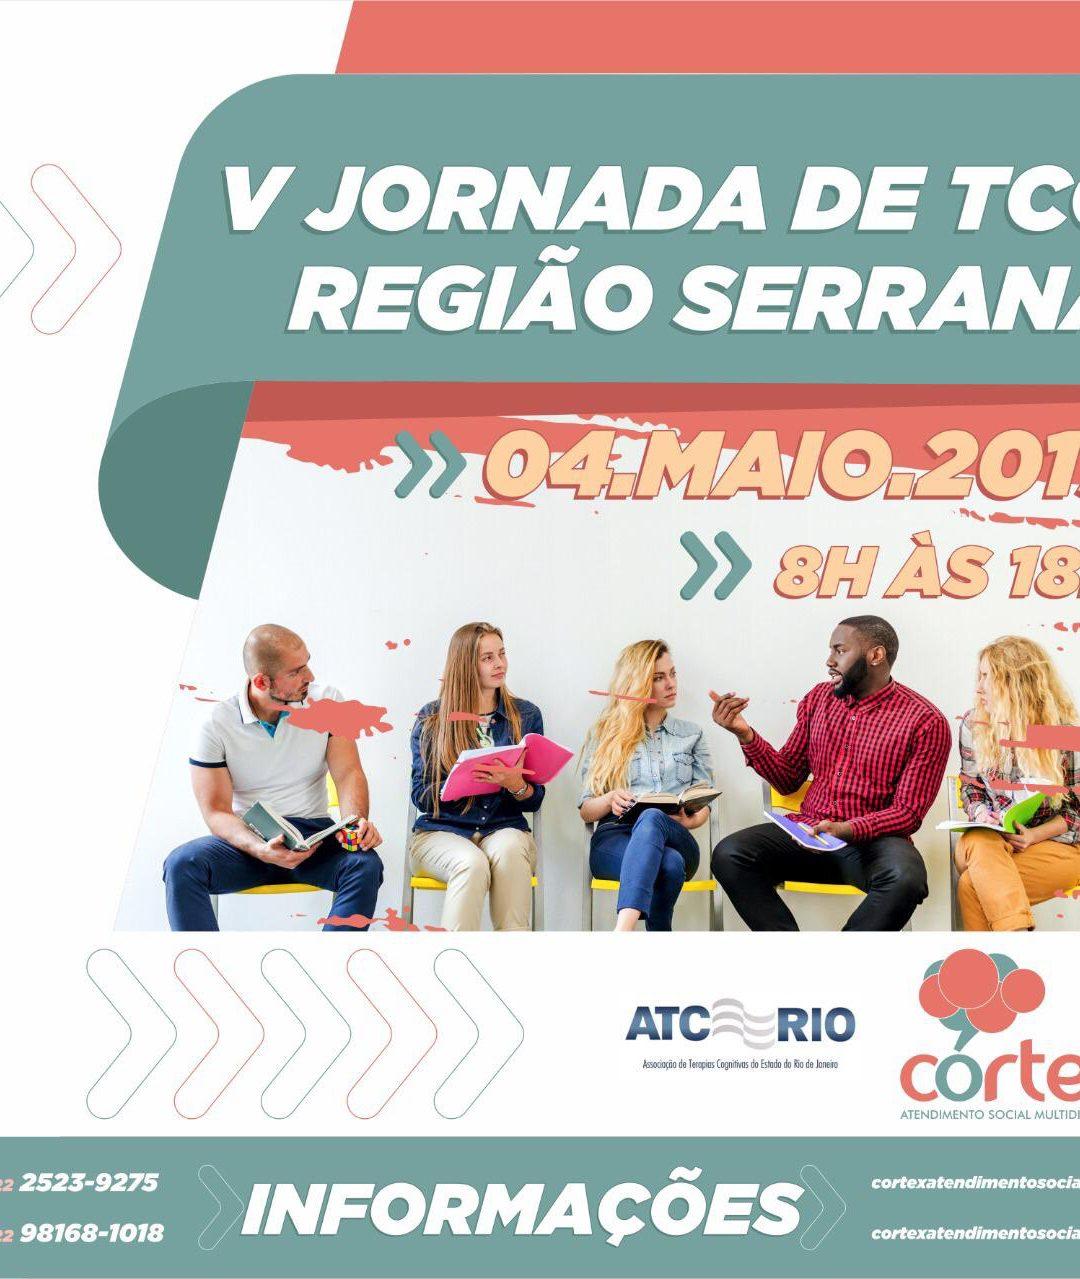 V JORNADA DE TCC | Região Serrana